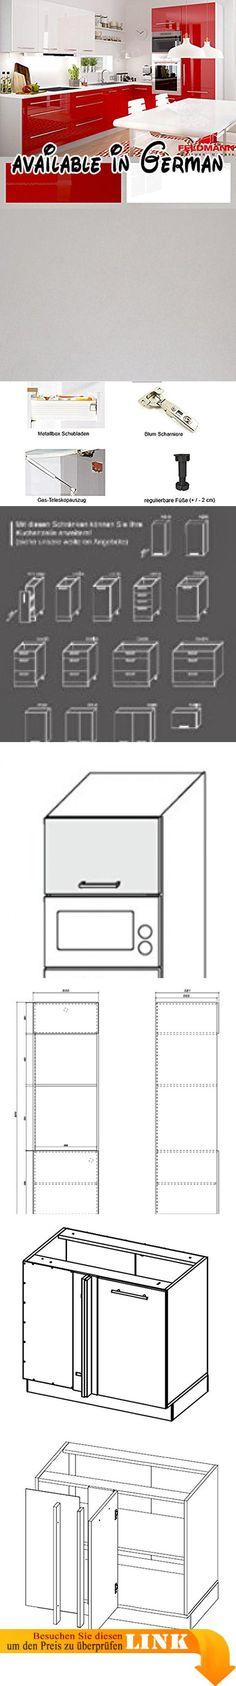 B078V22H1K  Küche Lagerung und Organisation Küche Regal Mikrowelle - küchenwagen mit schubladen